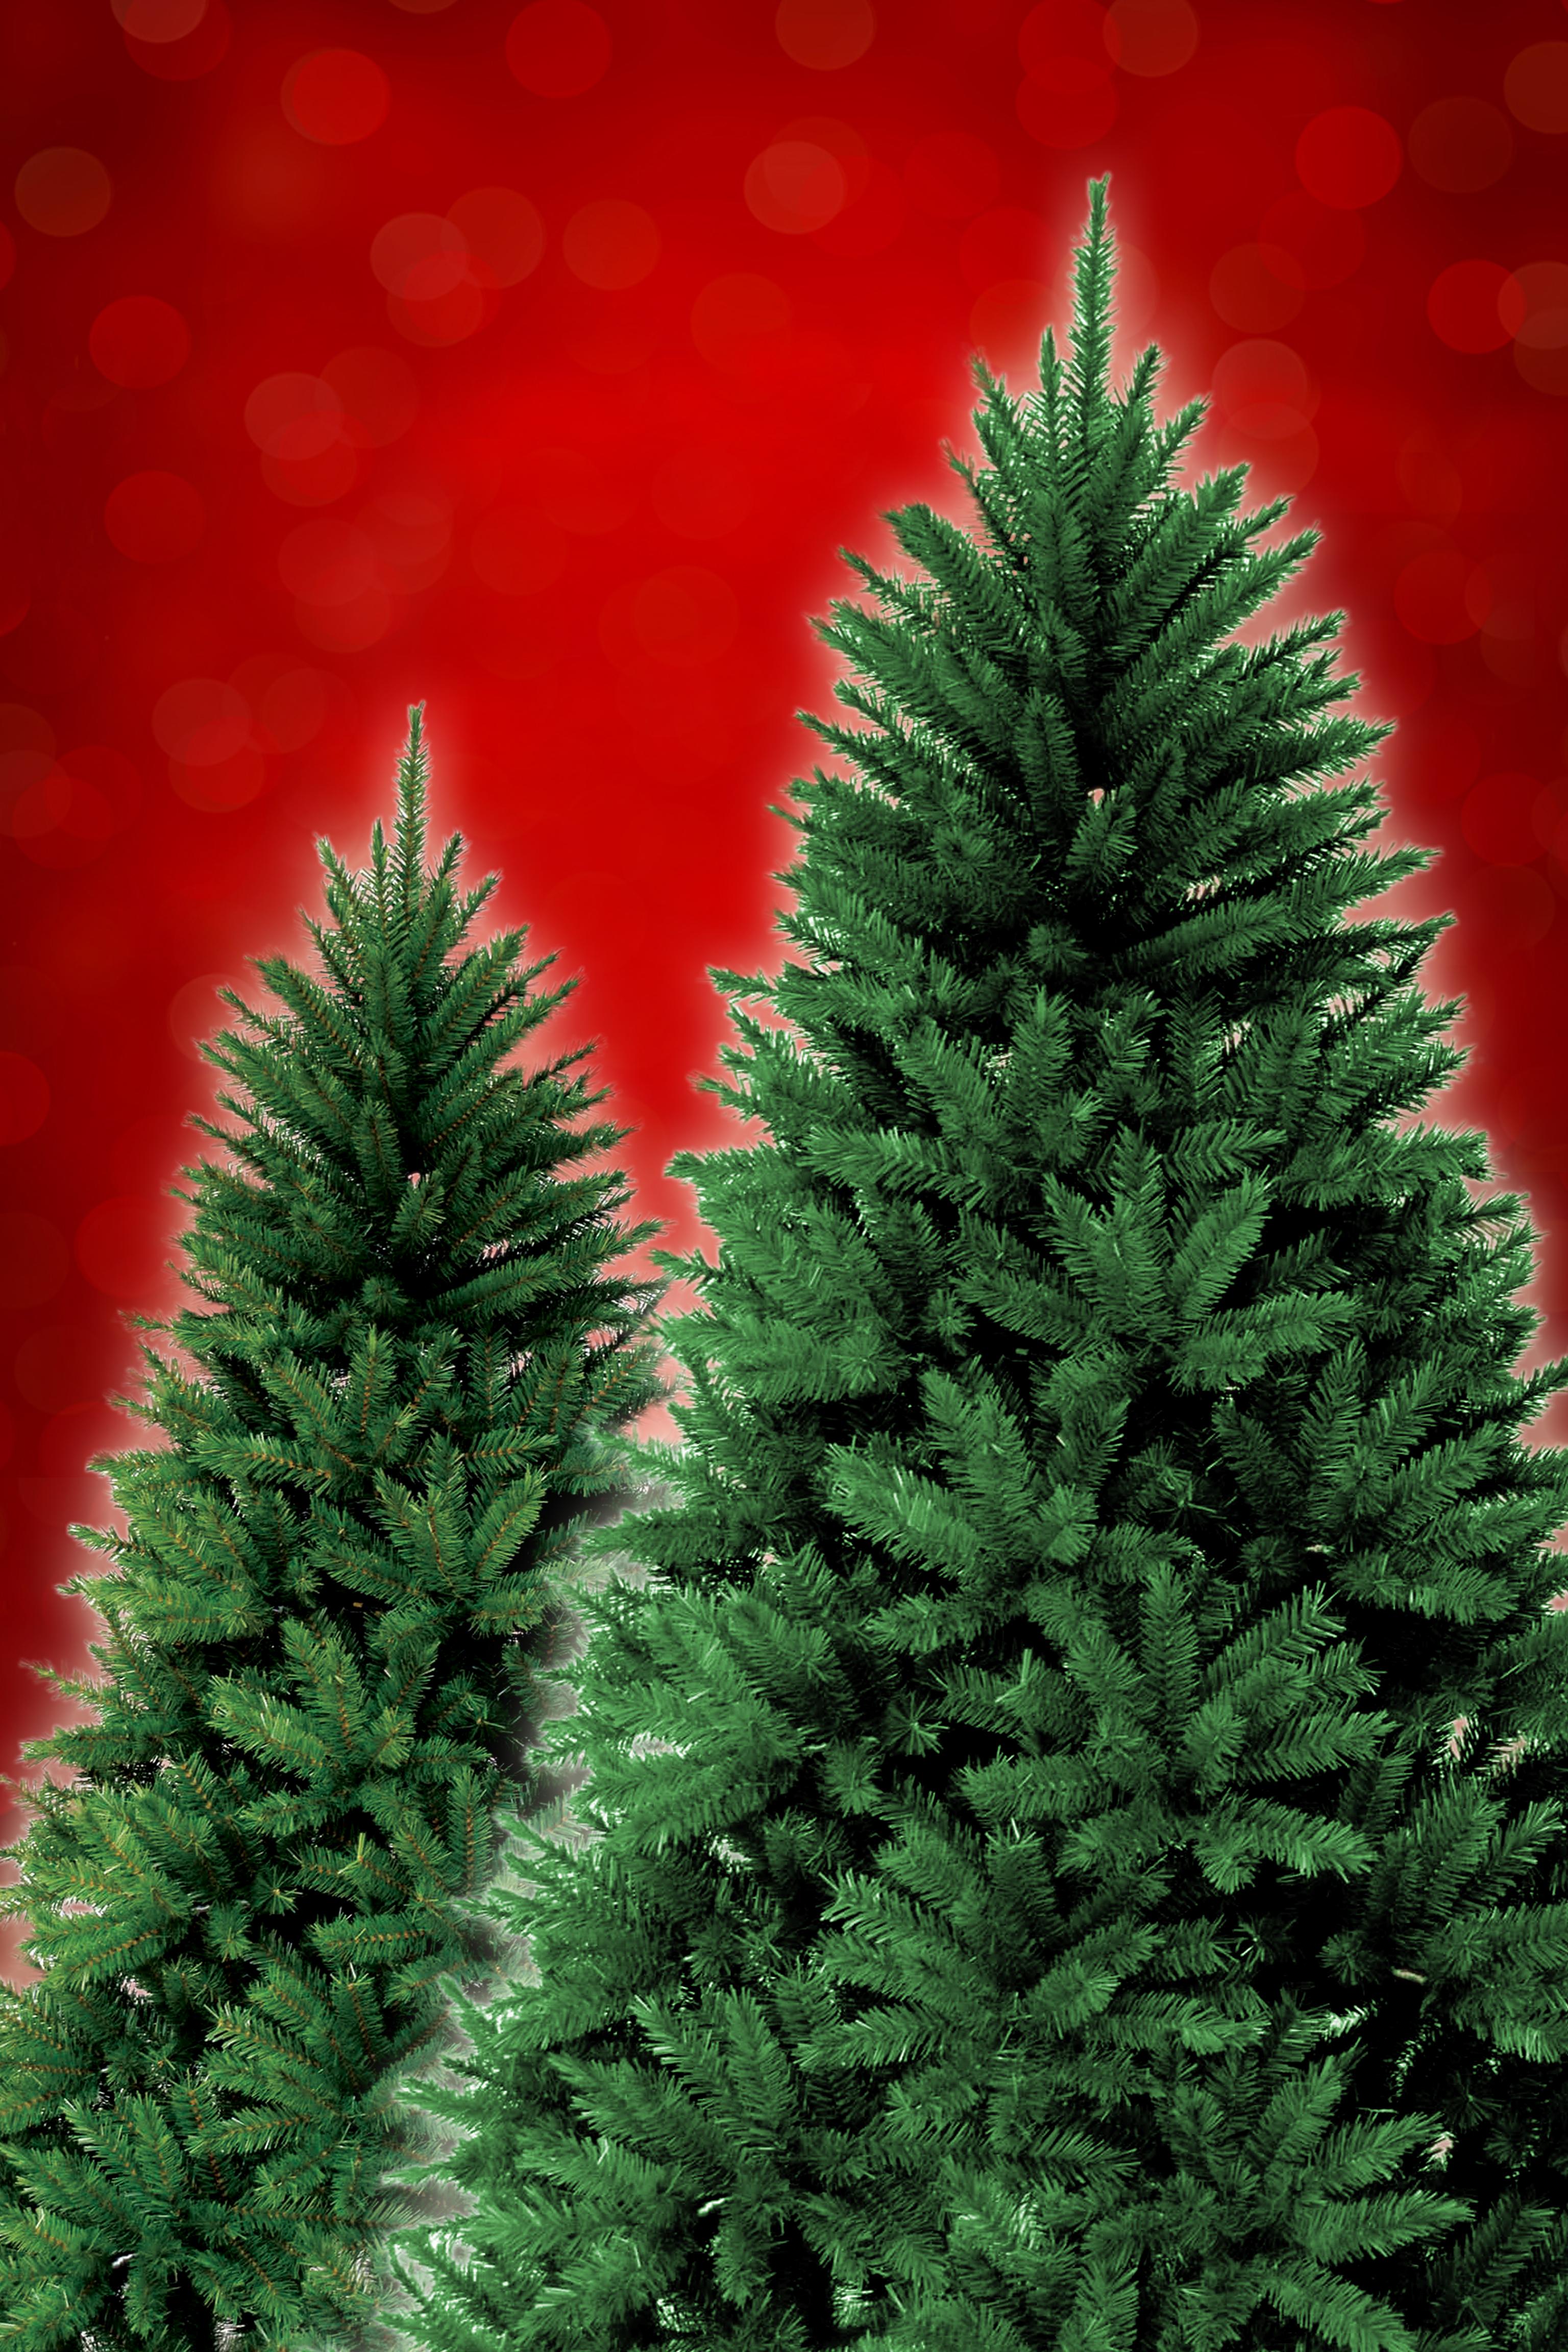 Navidad es decorar el arbolito santini navidad - Como poner el arbol de navidad ...